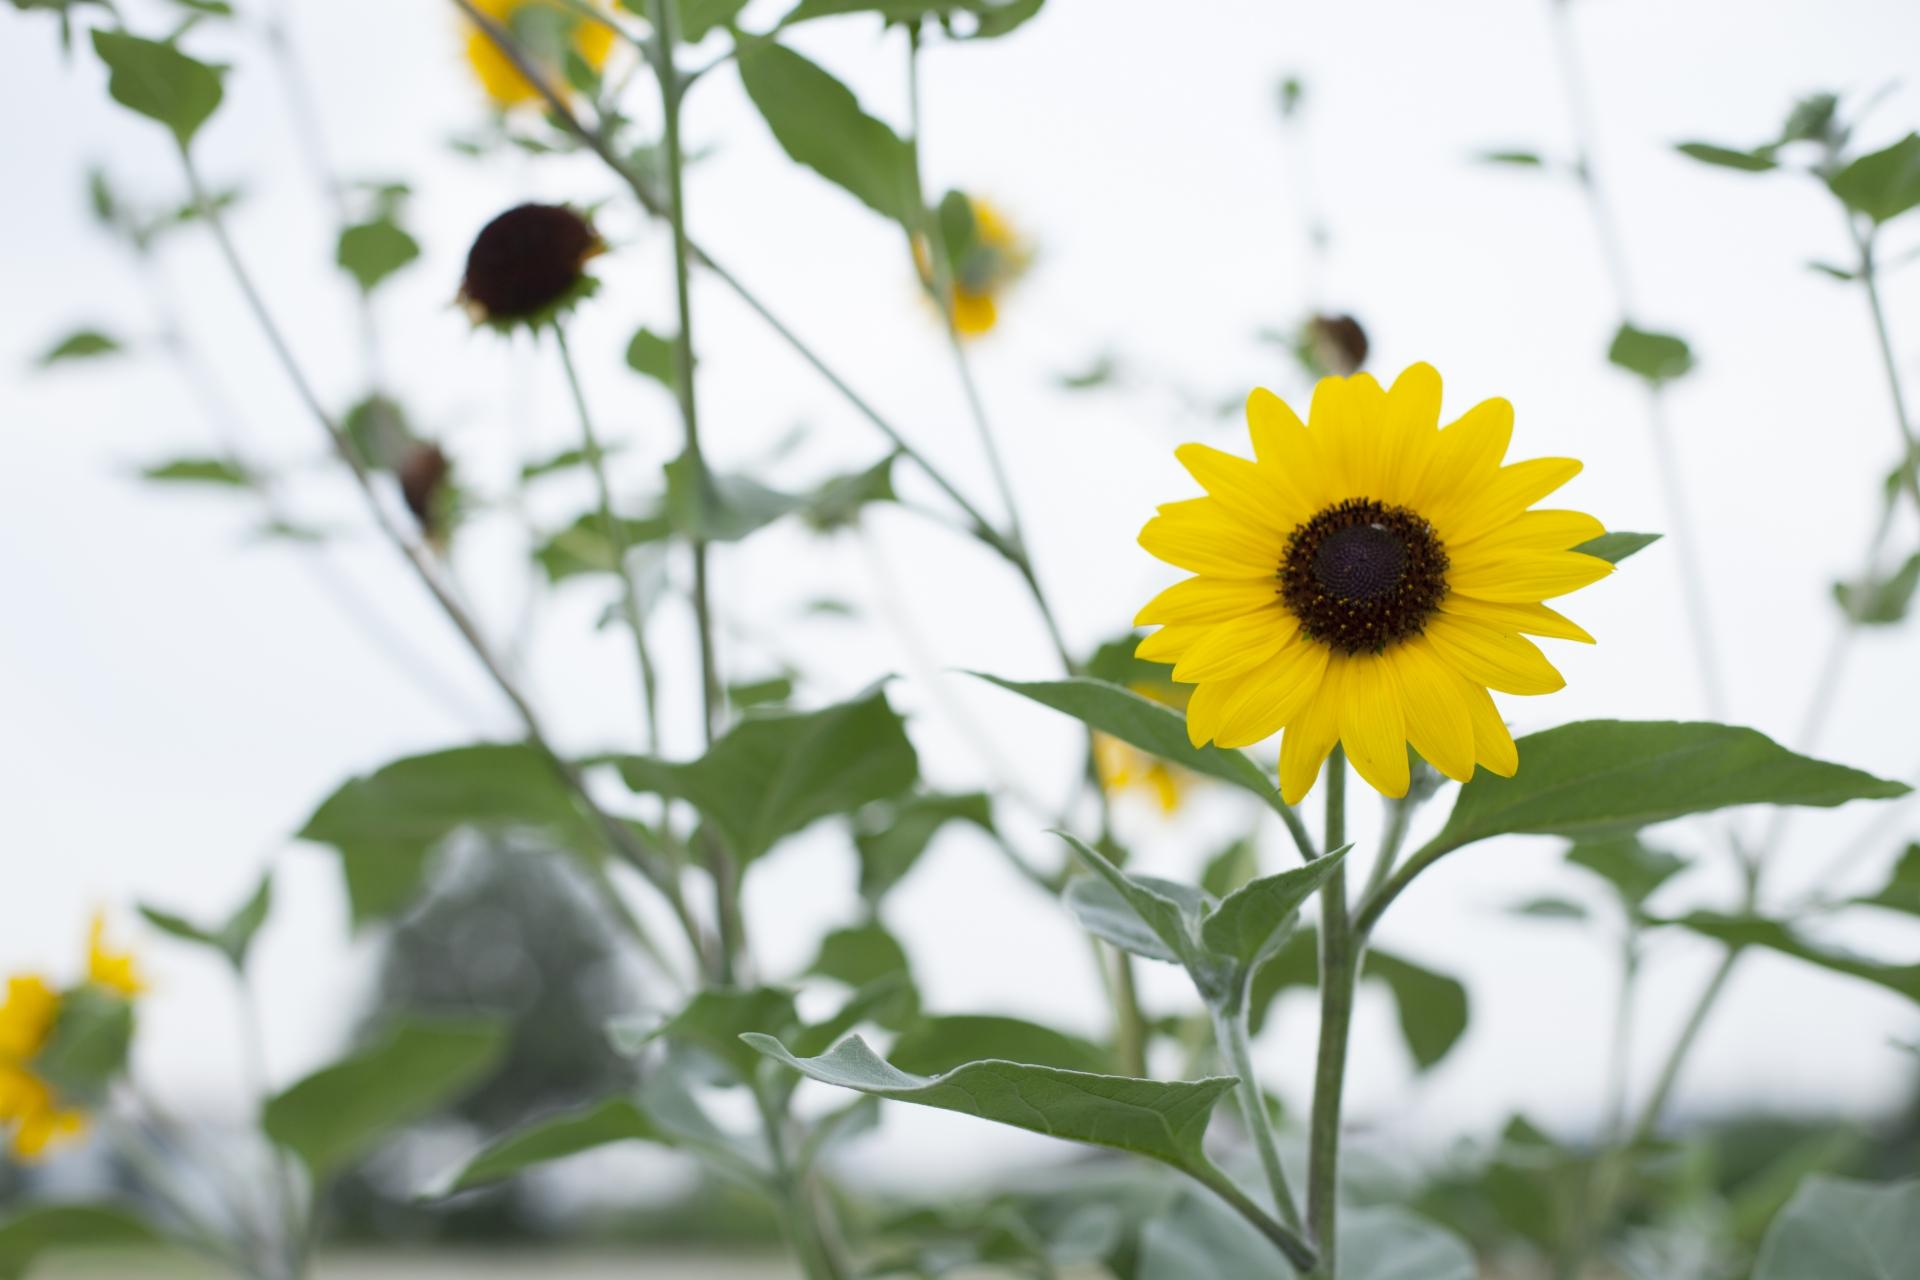 ガーデン用品屋さんの花図鑑 ヘリアンサス